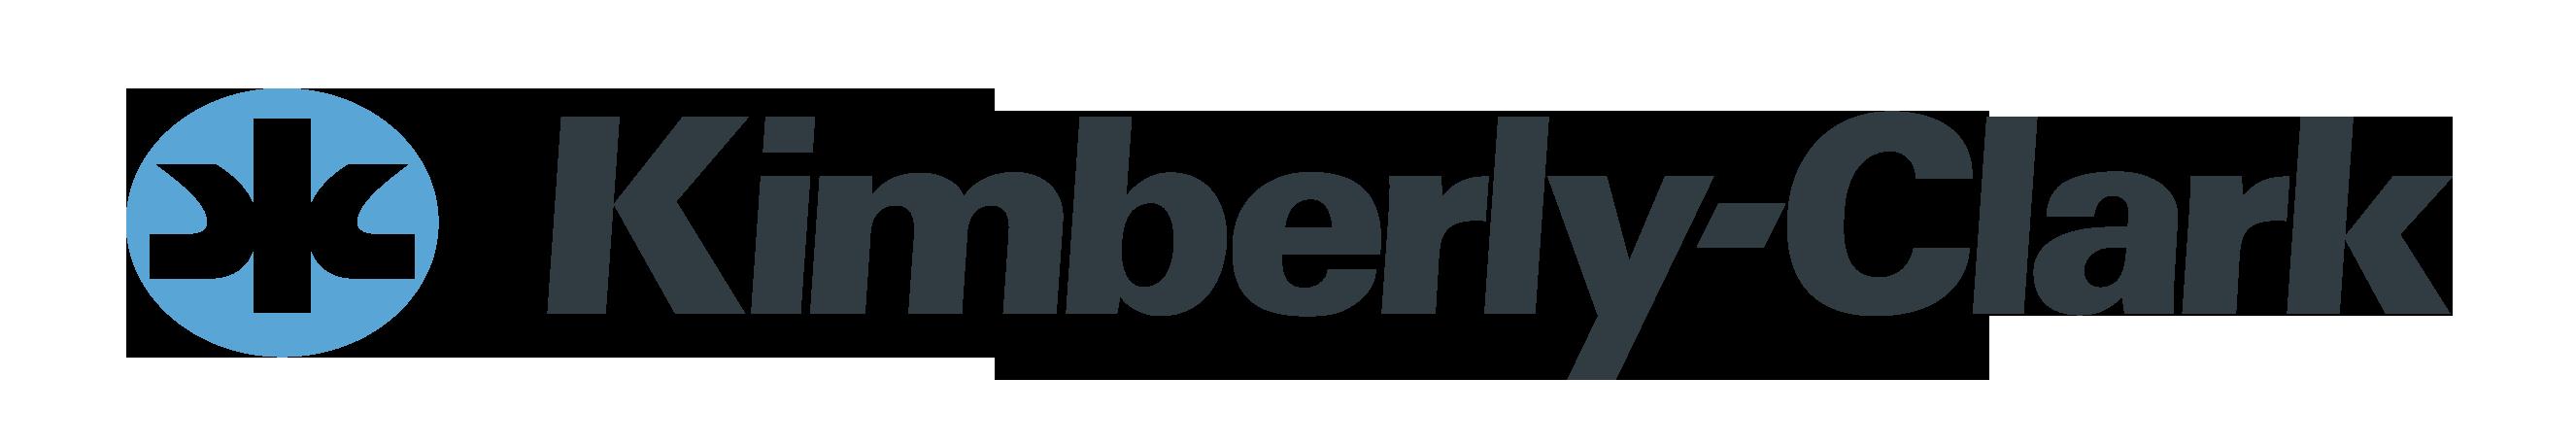 Kimberly-Clark_Corporation_Logo.jpg